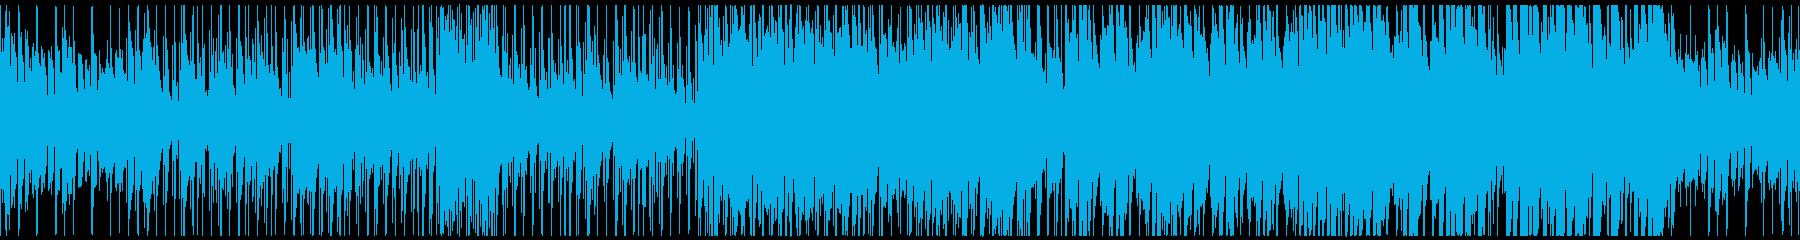 シリアスバトルなピアノジャズ(ループ)の再生済みの波形